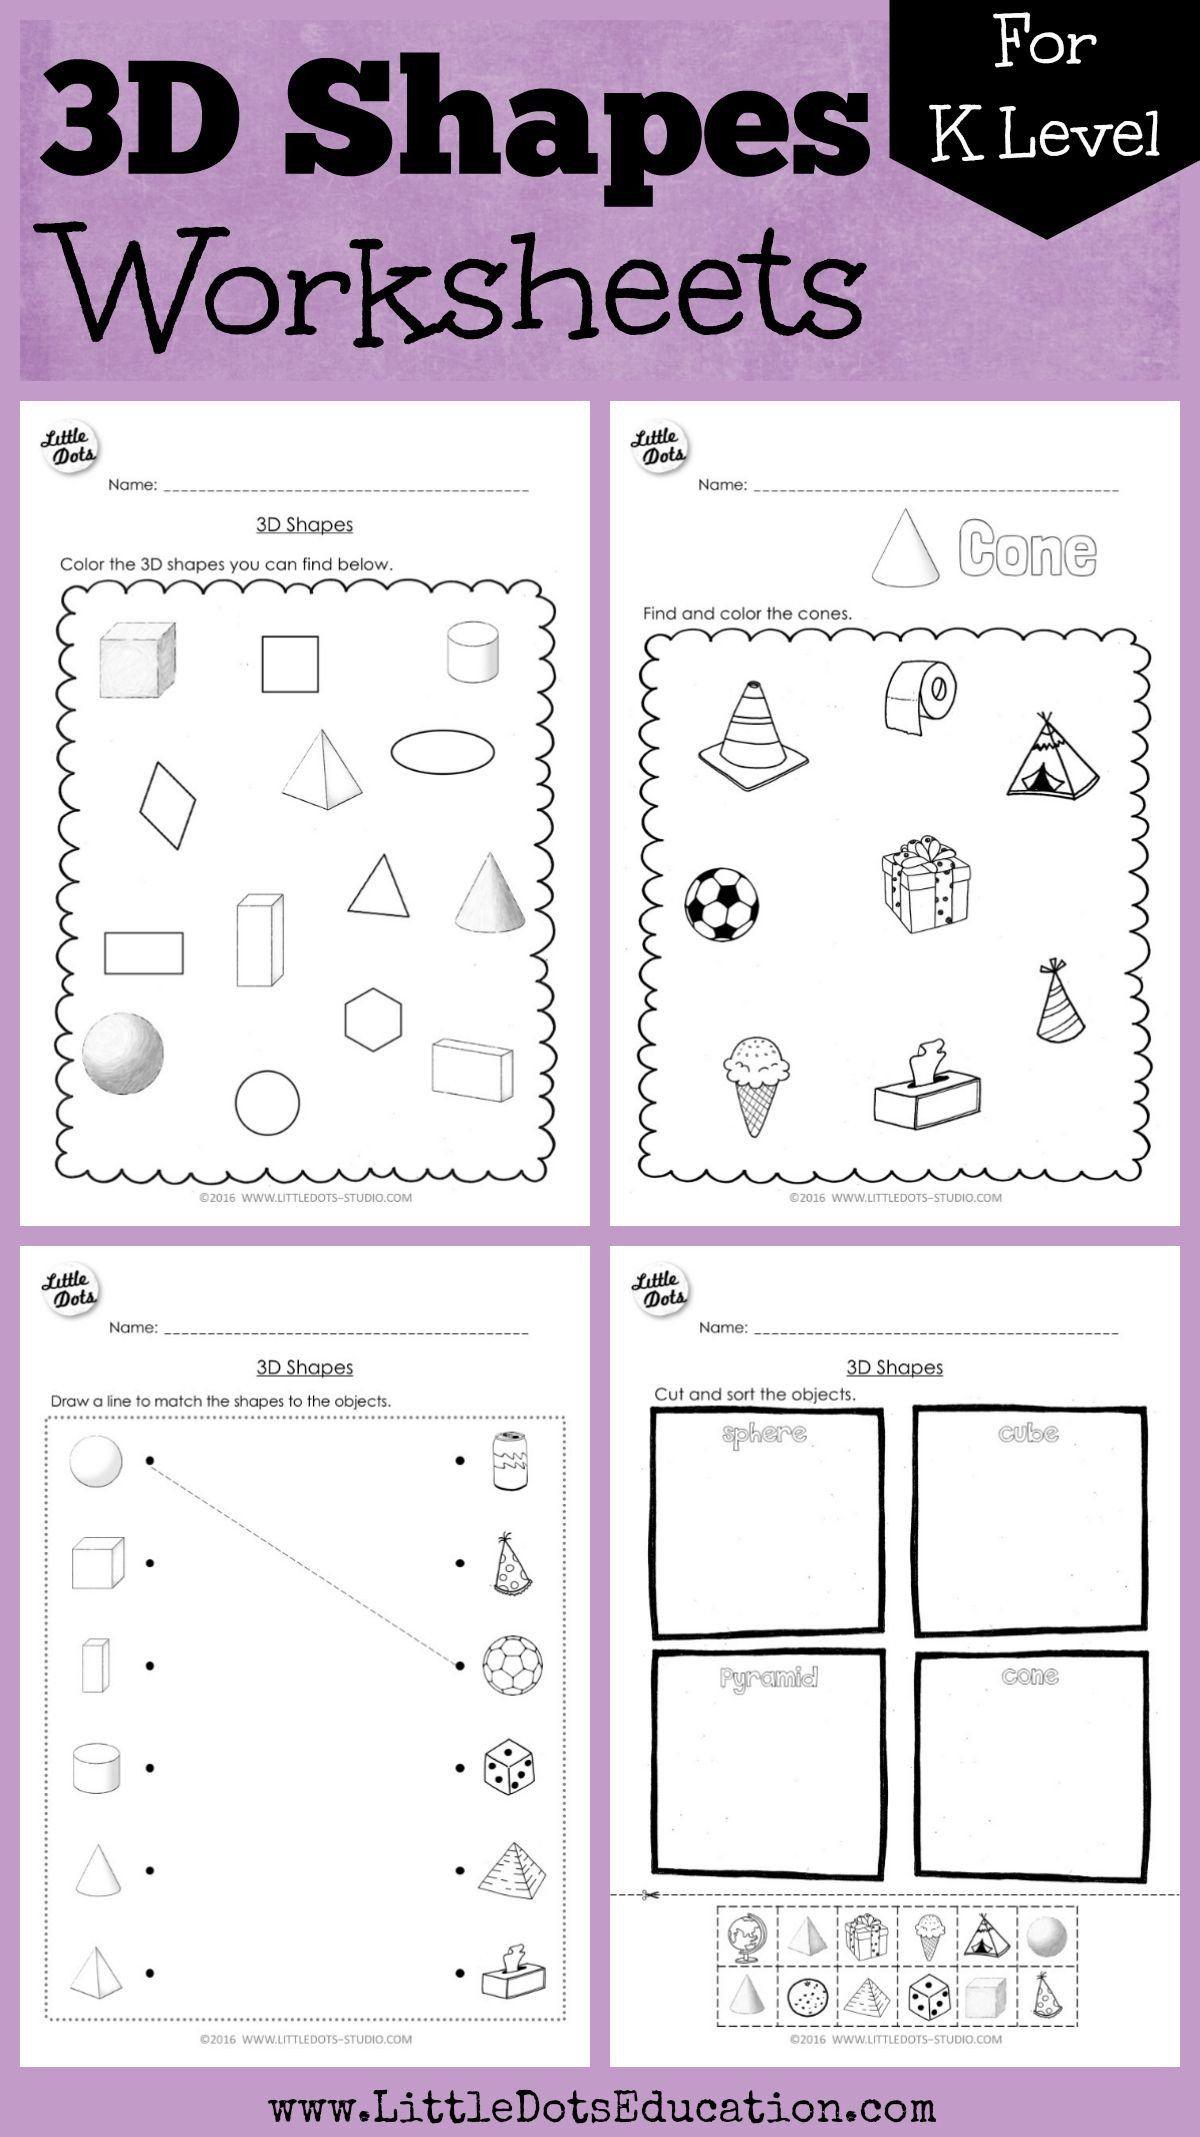 3d Shapes Worksheet For Kindergarten Kindergarten Math 3d Shapes Worksheets And Activiti Shapes Kindergarten 3d Shapes Worksheets Shapes Worksheet Kindergarten [ 2137 x 1200 Pixel ]